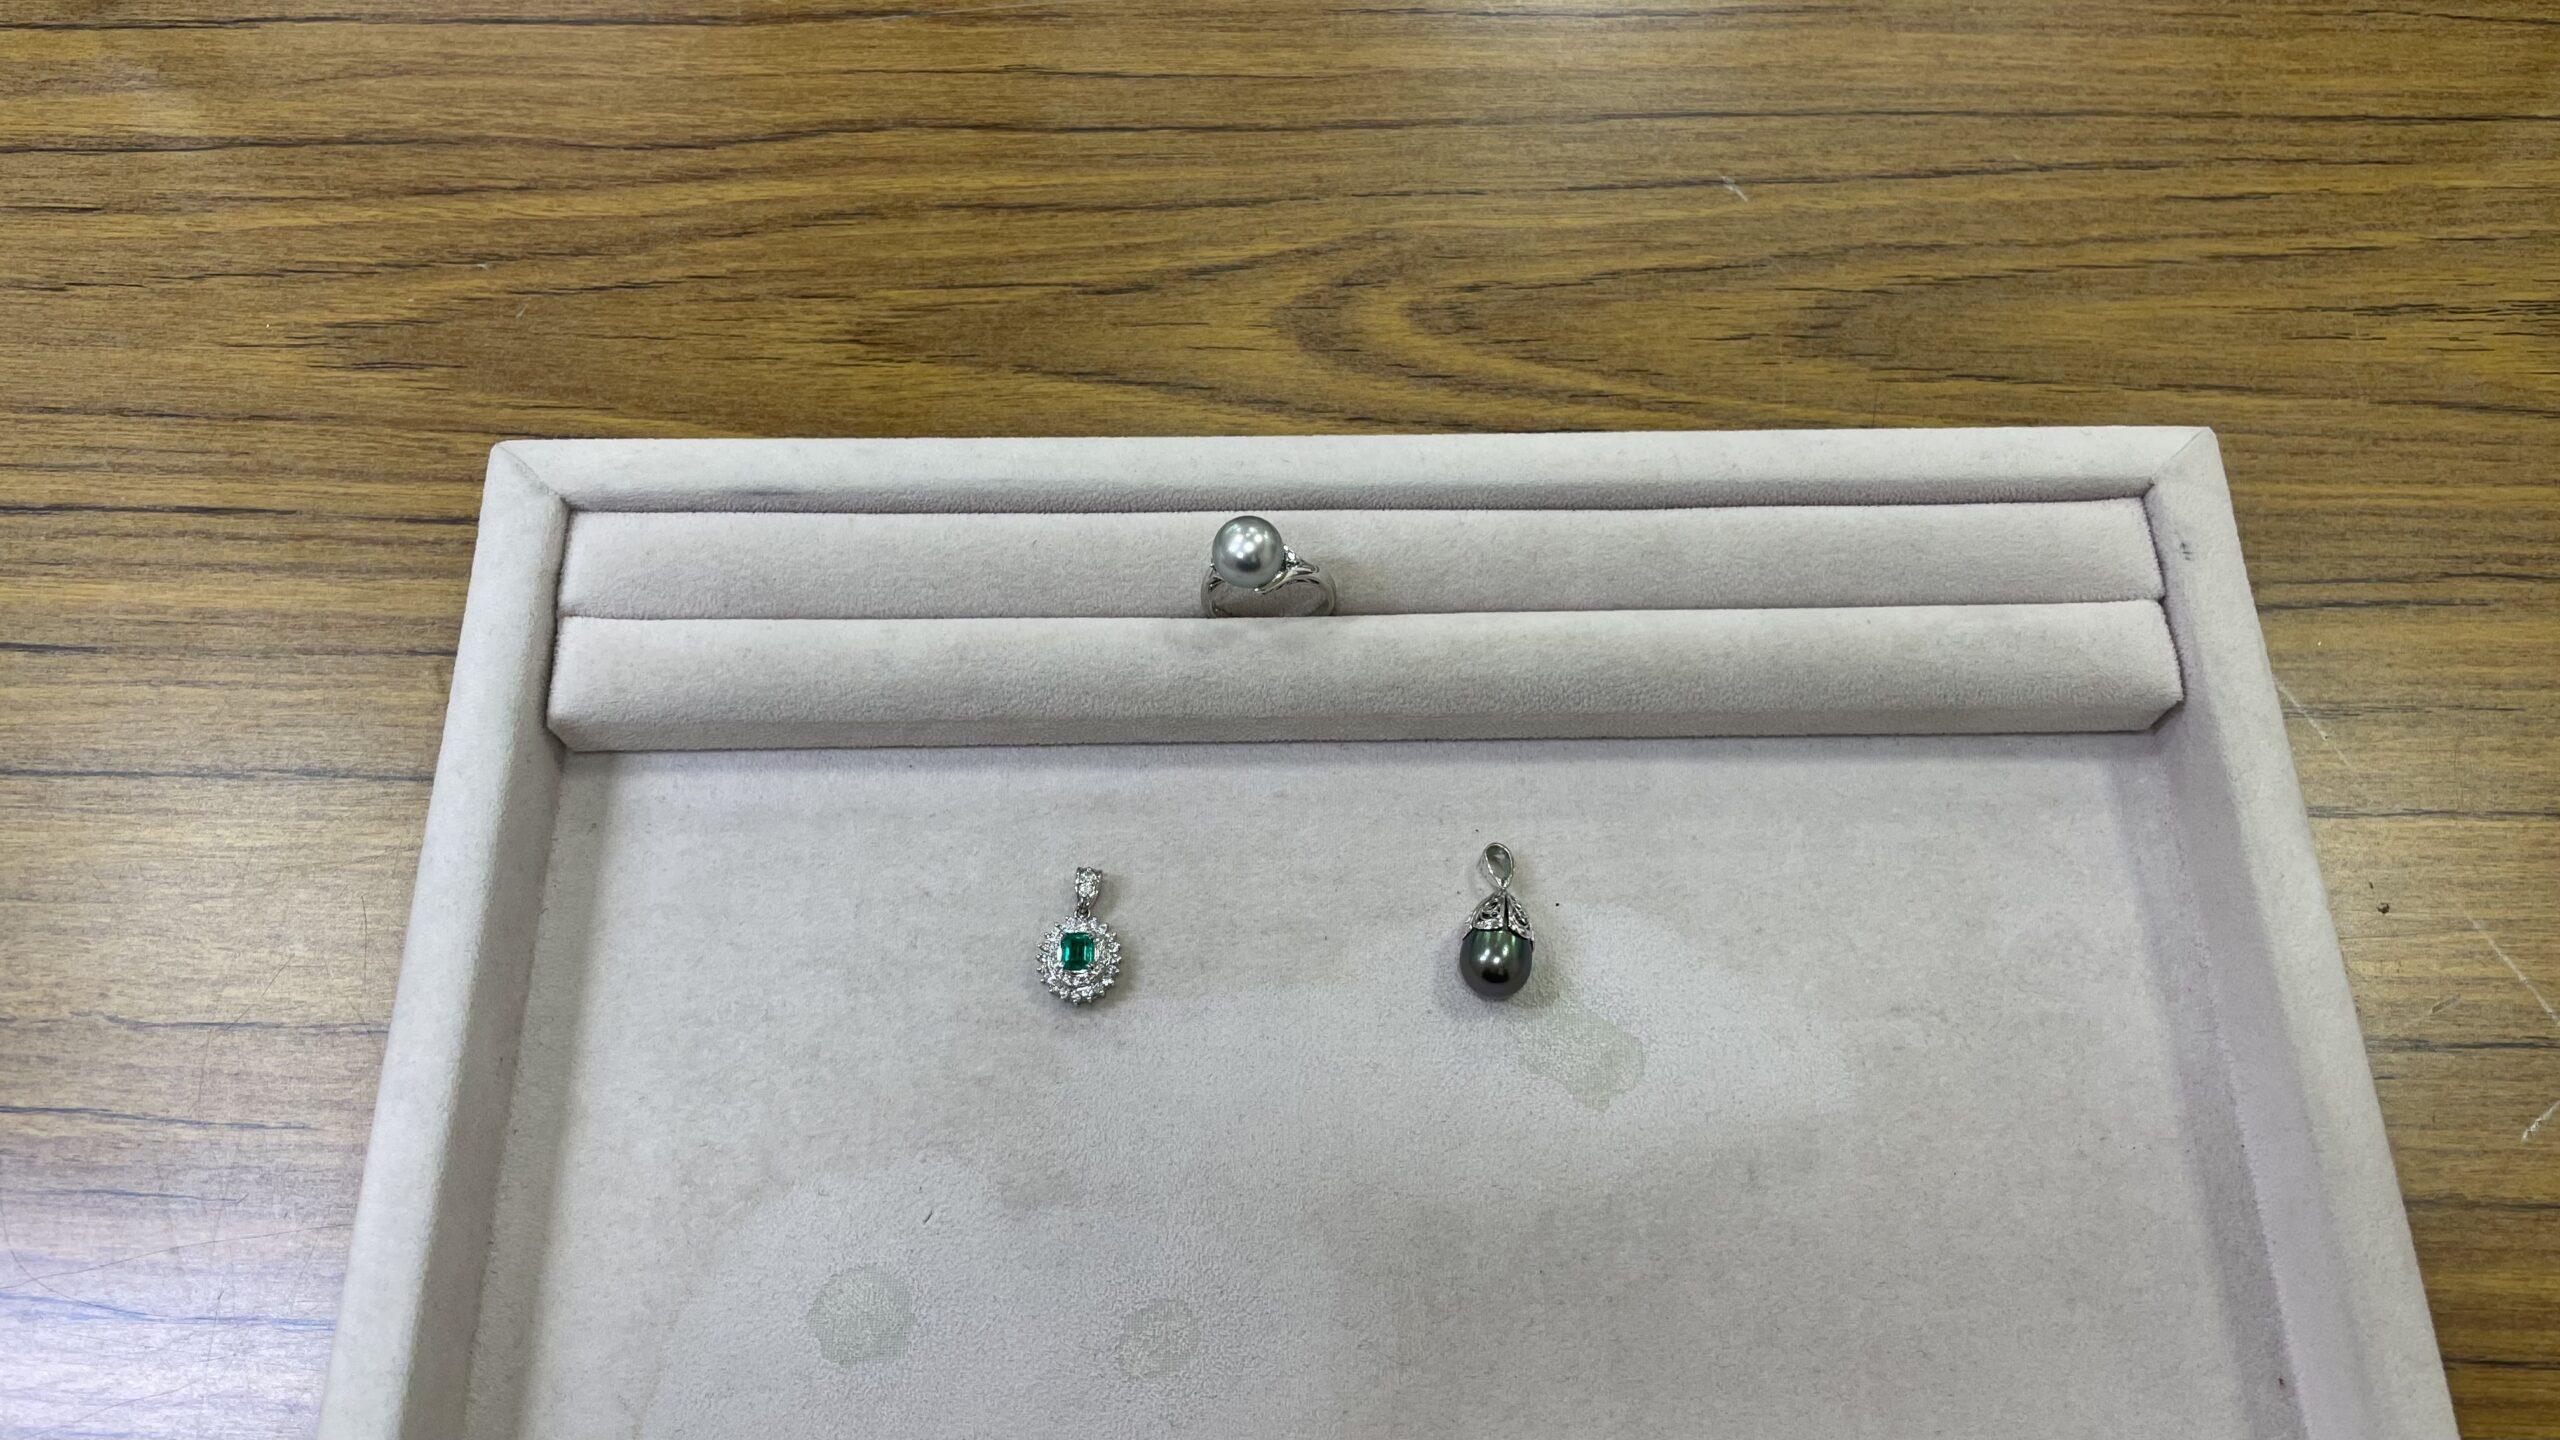 【買取速報】エメラルド、グレーパール、タヒチパール、ダイヤモンド、ペンダントトップ、指輪、K1-2021-02-13